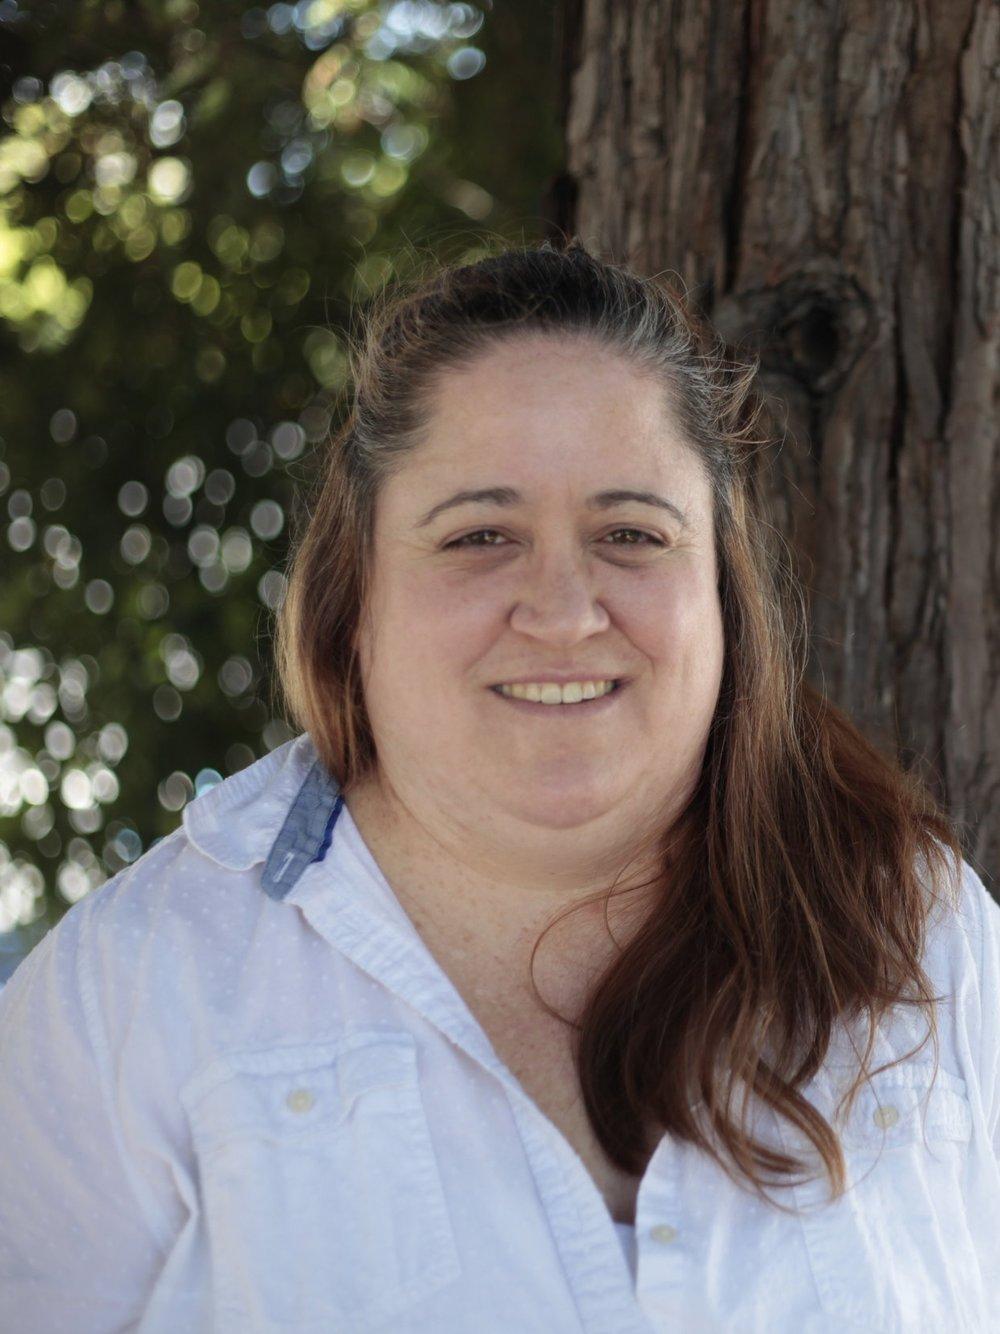 Tammy Estes, Deputy Director